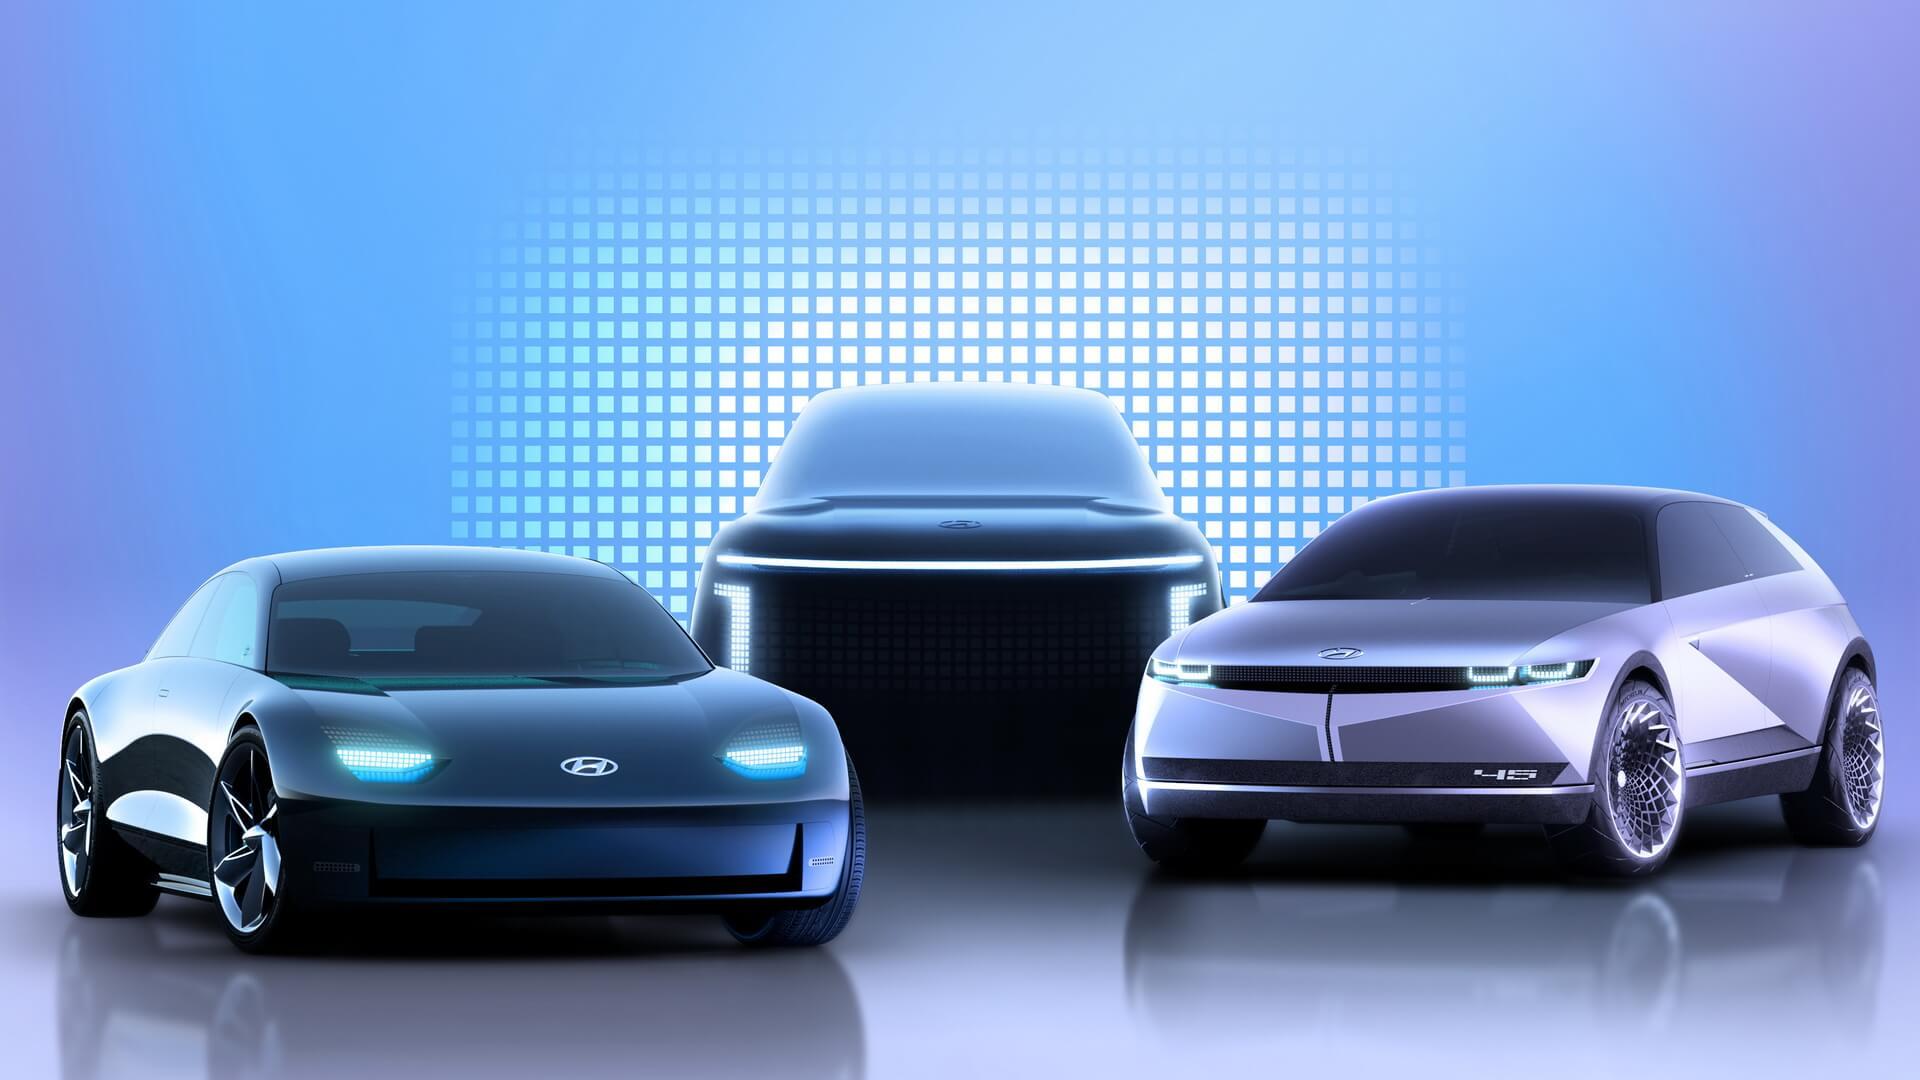 Под брендом IONIQ в ближайшие четыре года Hyundai Motor планирует представить три новые модели электрокаров